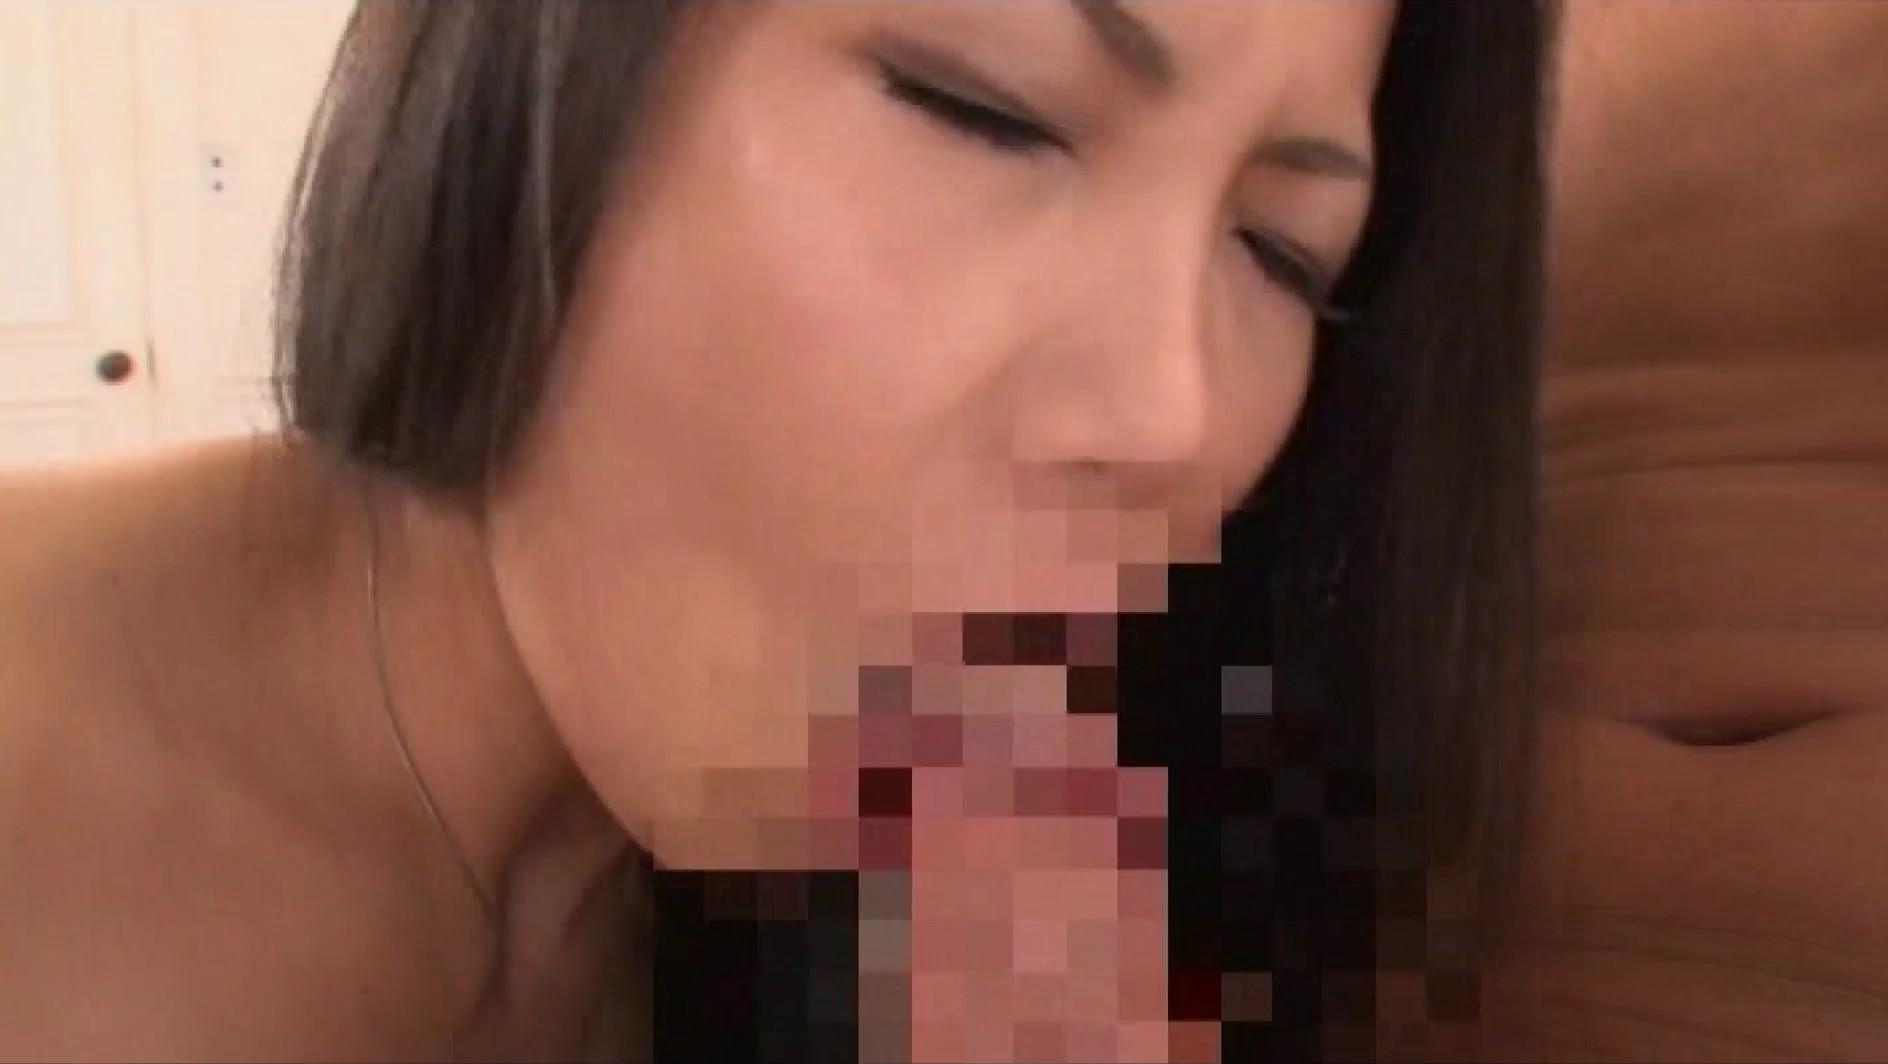 もの凄い母乳 搾乳SEX 飲乳ねぶり 母乳手コキフェラ 画像18